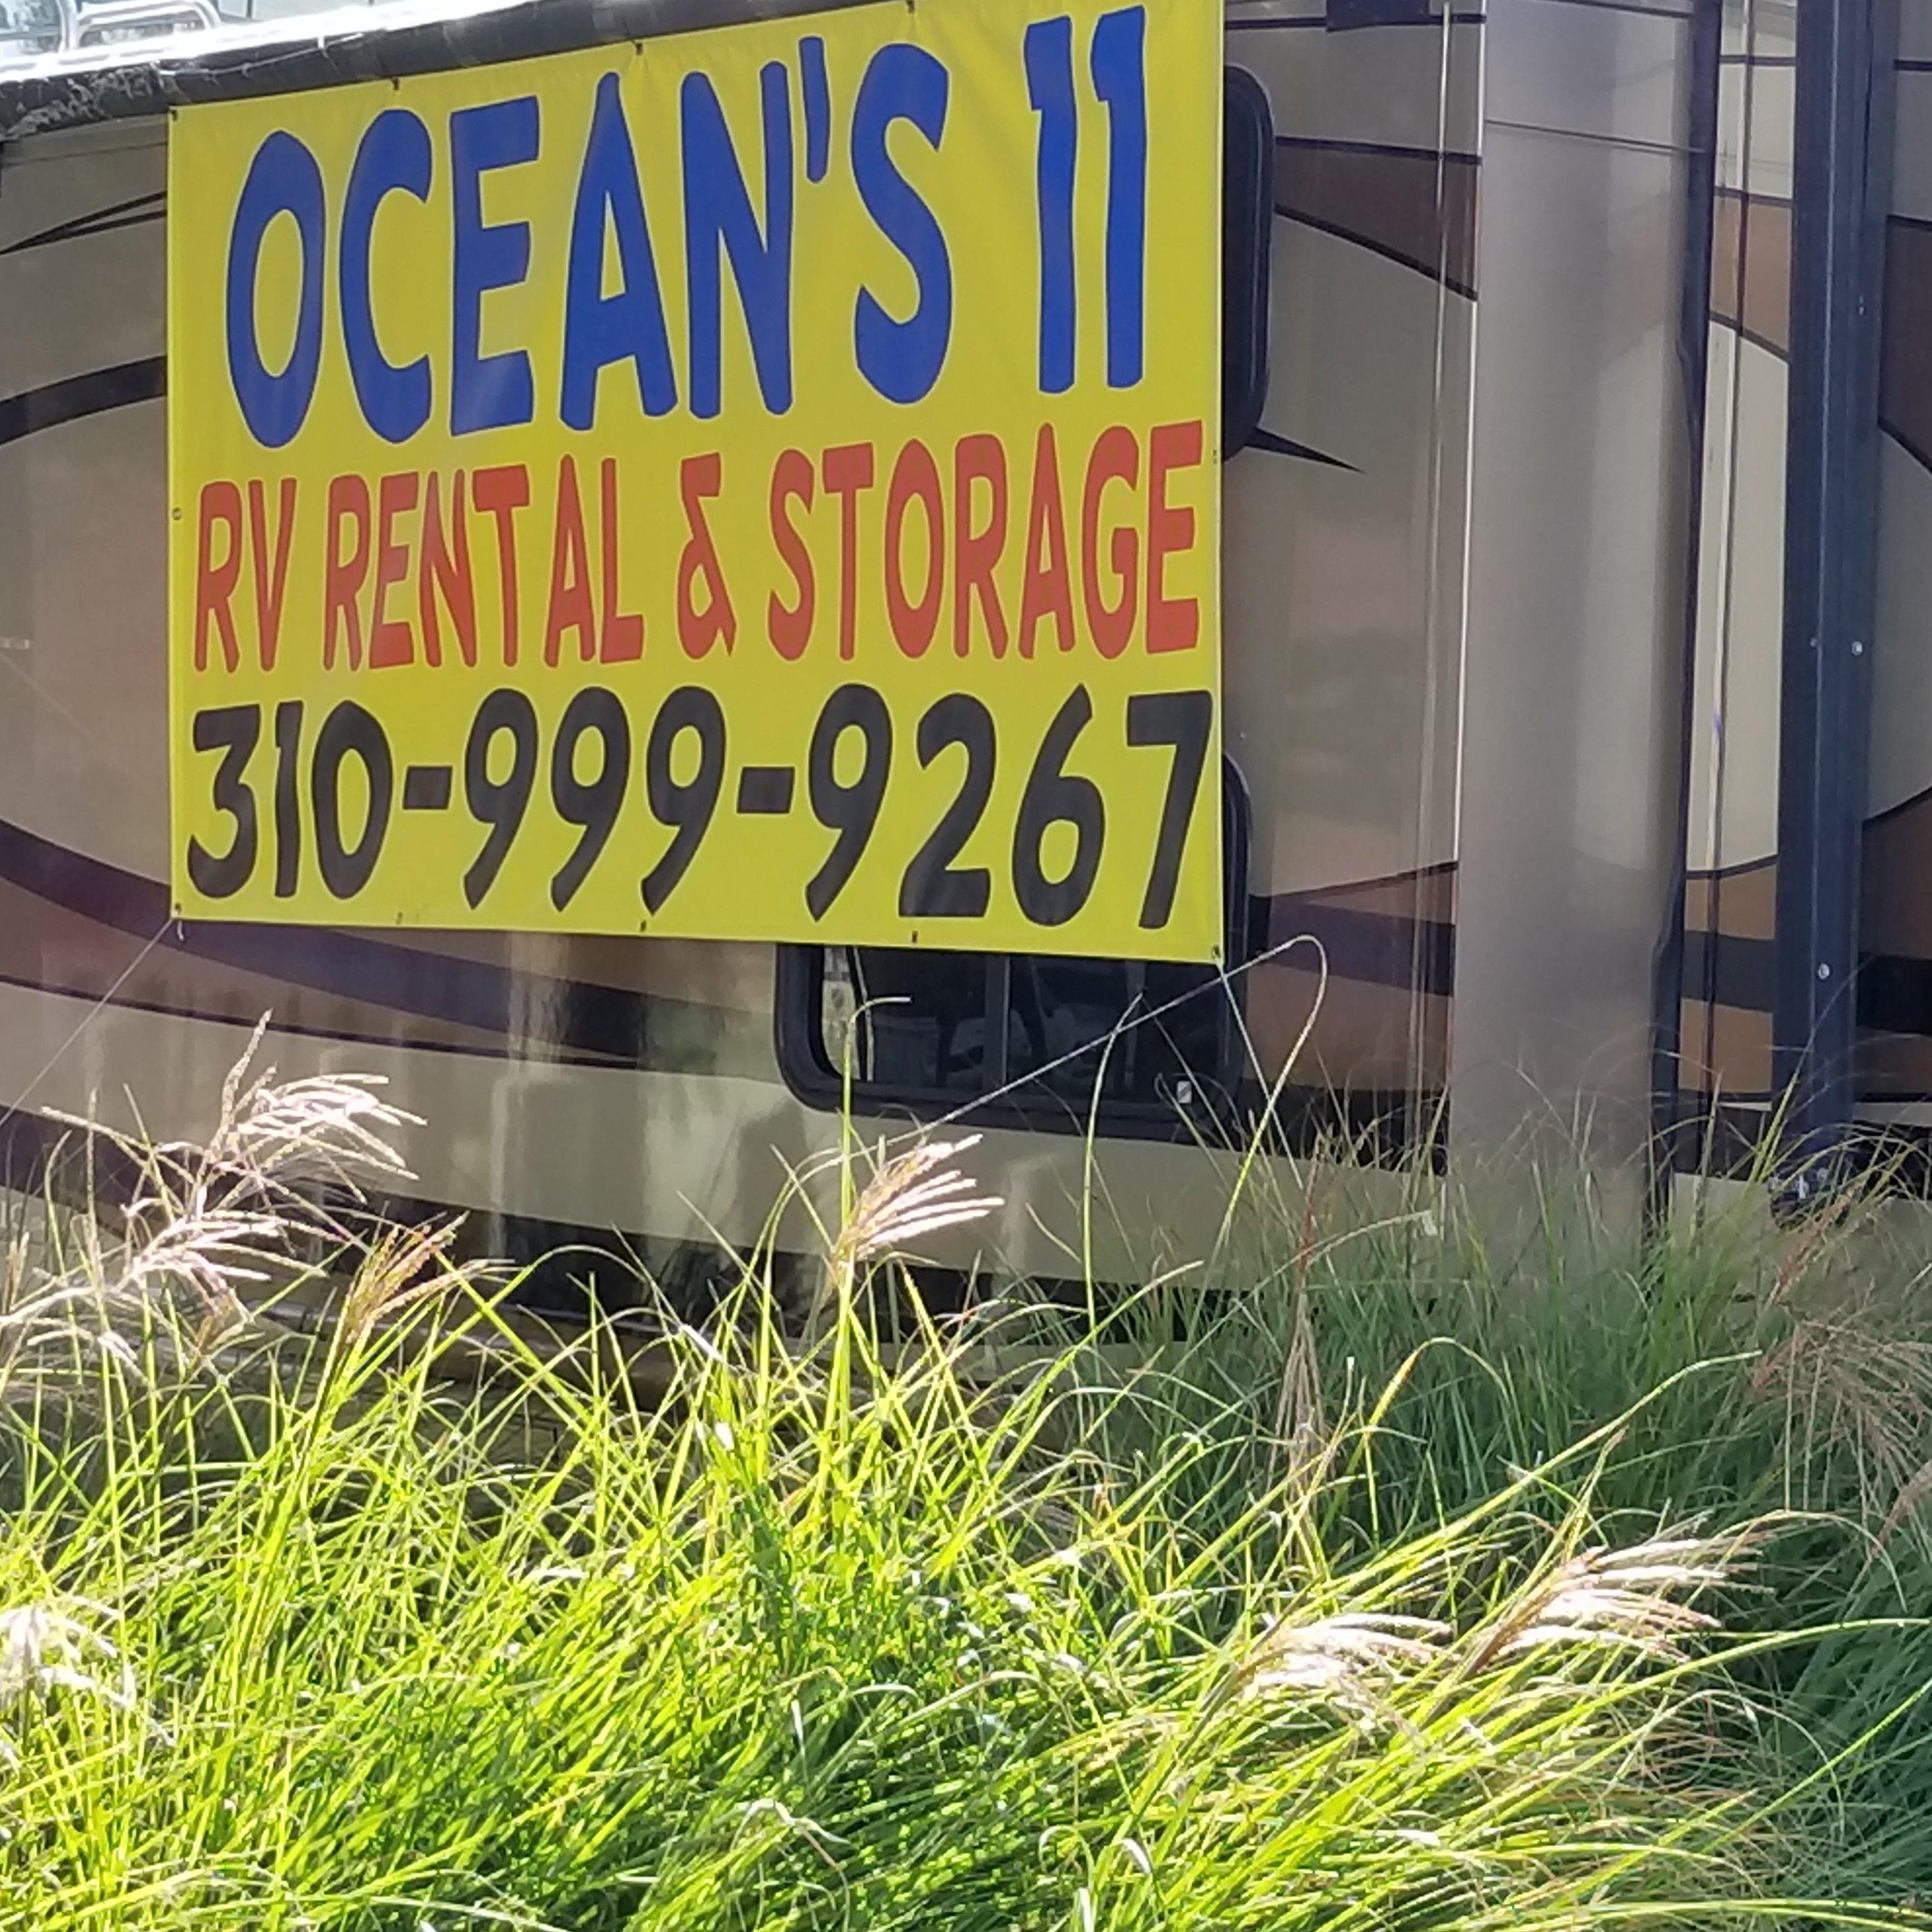 Oceans 11 Storage